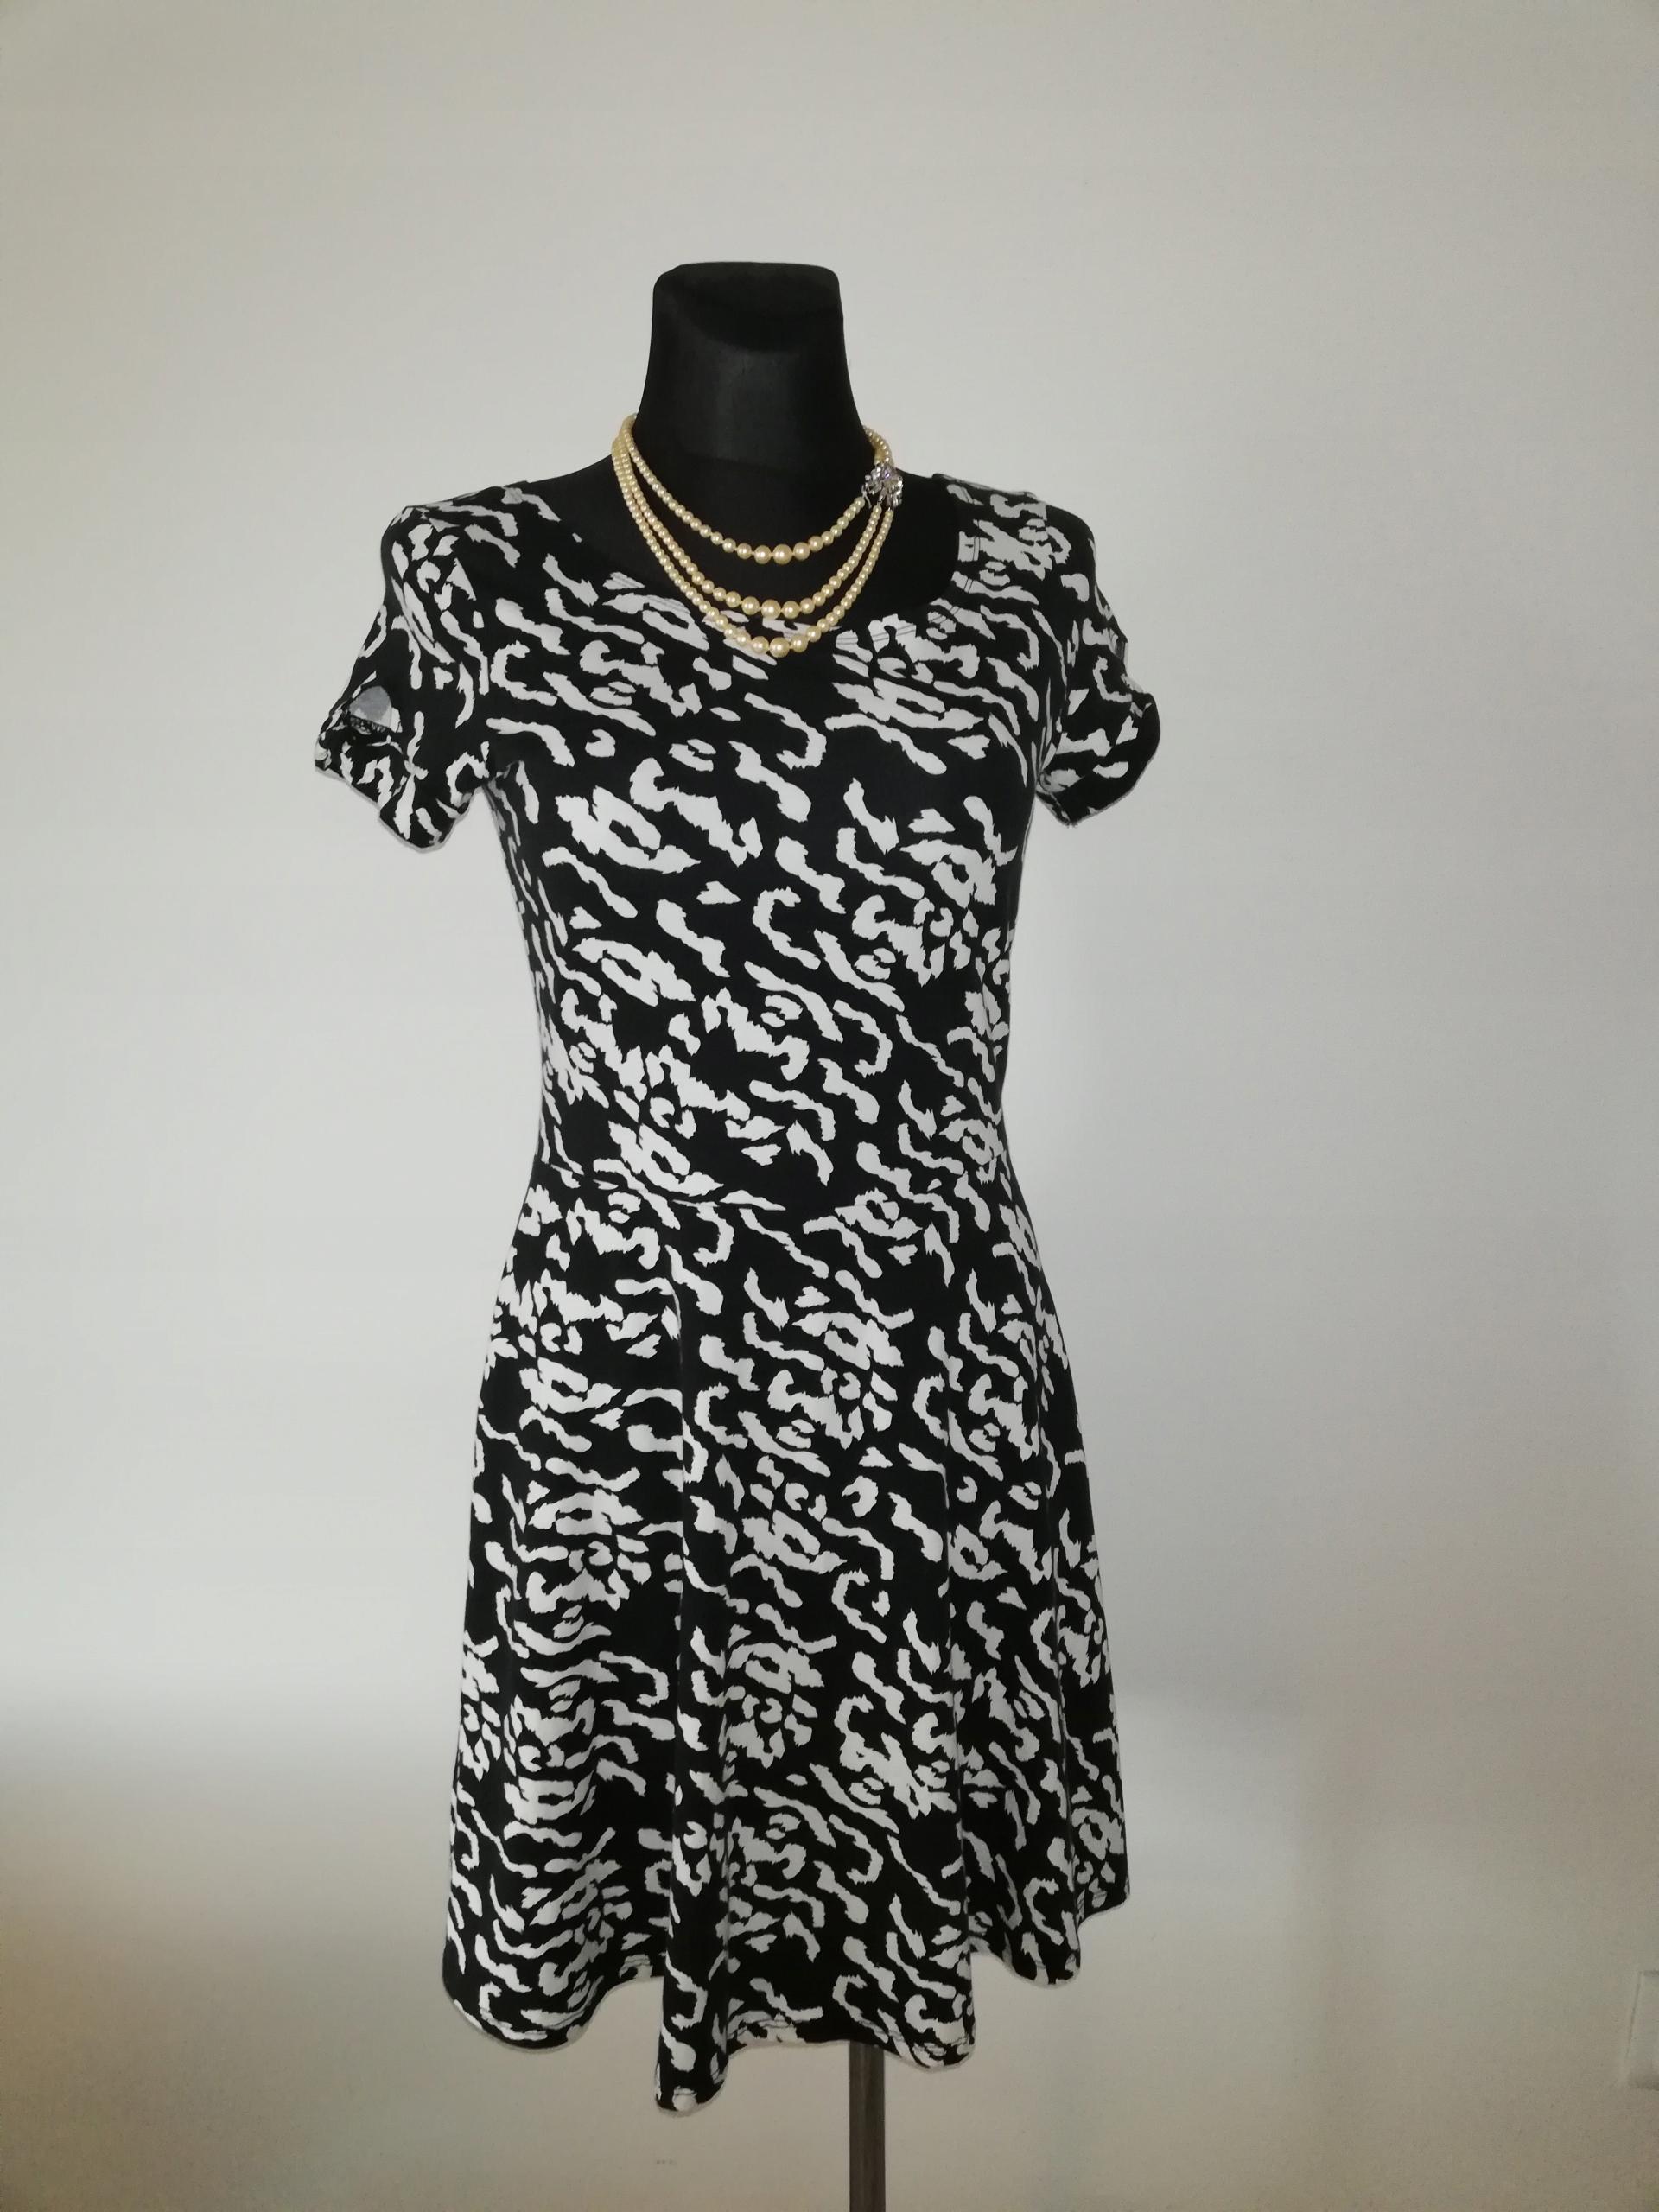 DOROTHY PERKINS sukienka bawełna modna ideał L